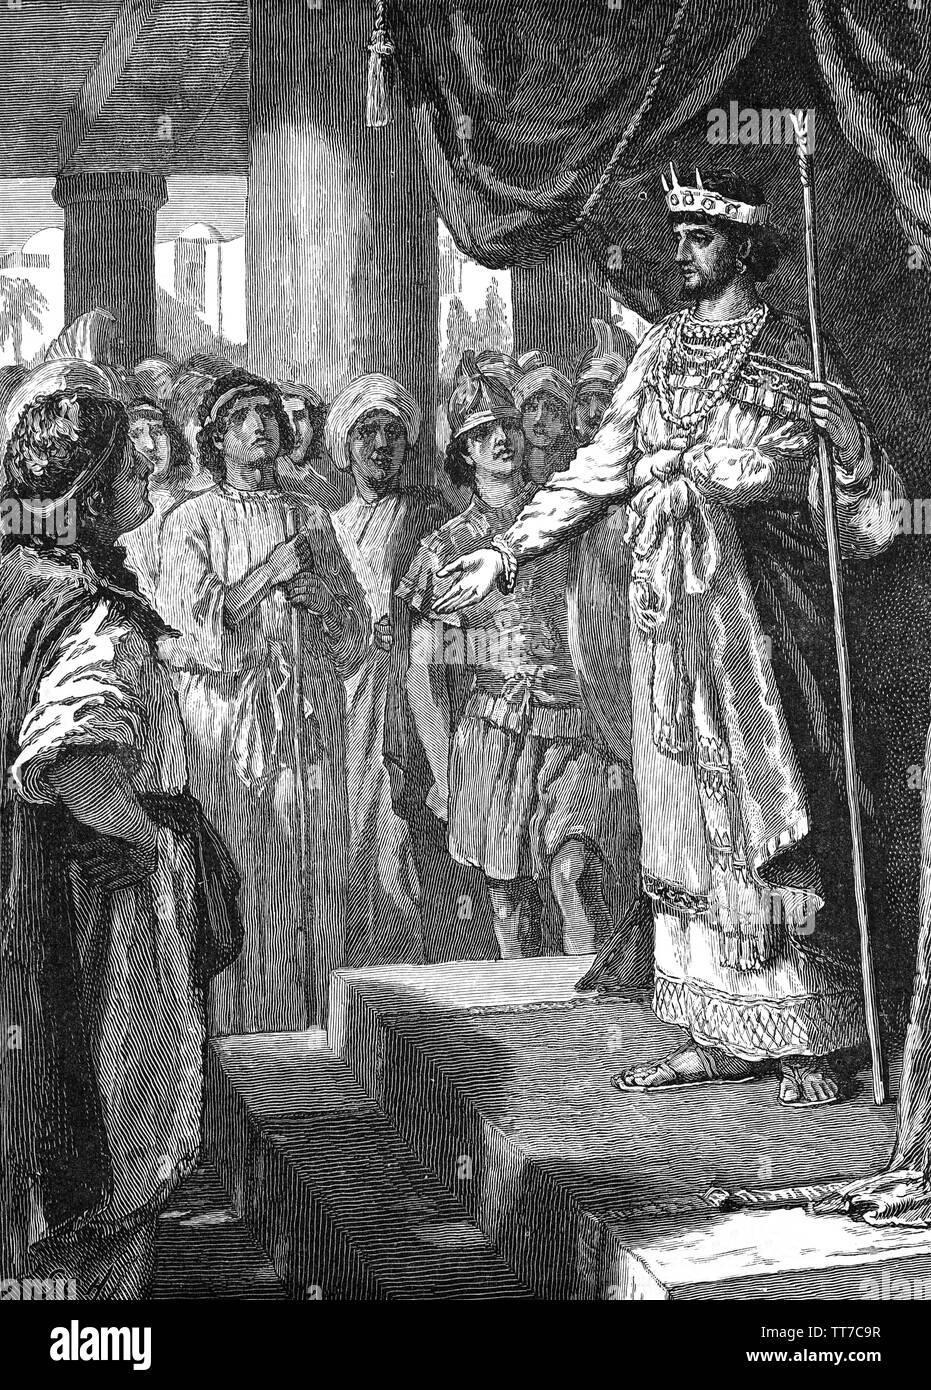 Rehabeam war der vierte König von Israel, Sohn und Nachfolger Salomo. Zunächst König des vereinigten Monarchie Israel, sondern nach der zehn nördlichen Stämme Israels in 932/931 v. Chr. rebellierte das unabhängige Königreich Israel (Samaria), unter der Herrschaft Jerobeams, Rehabeam blieben als König des Königreichs Juda oder südlichen Königreich. Der neue König versucht, die Empfehlungen der jungen Männer, die er mit aufgewachsen waren, riet ihm keine Schwäche zu den Menschen zu zeigen, und sie zu steuern Noch mehr, das Rehabeam tat. Stockbild